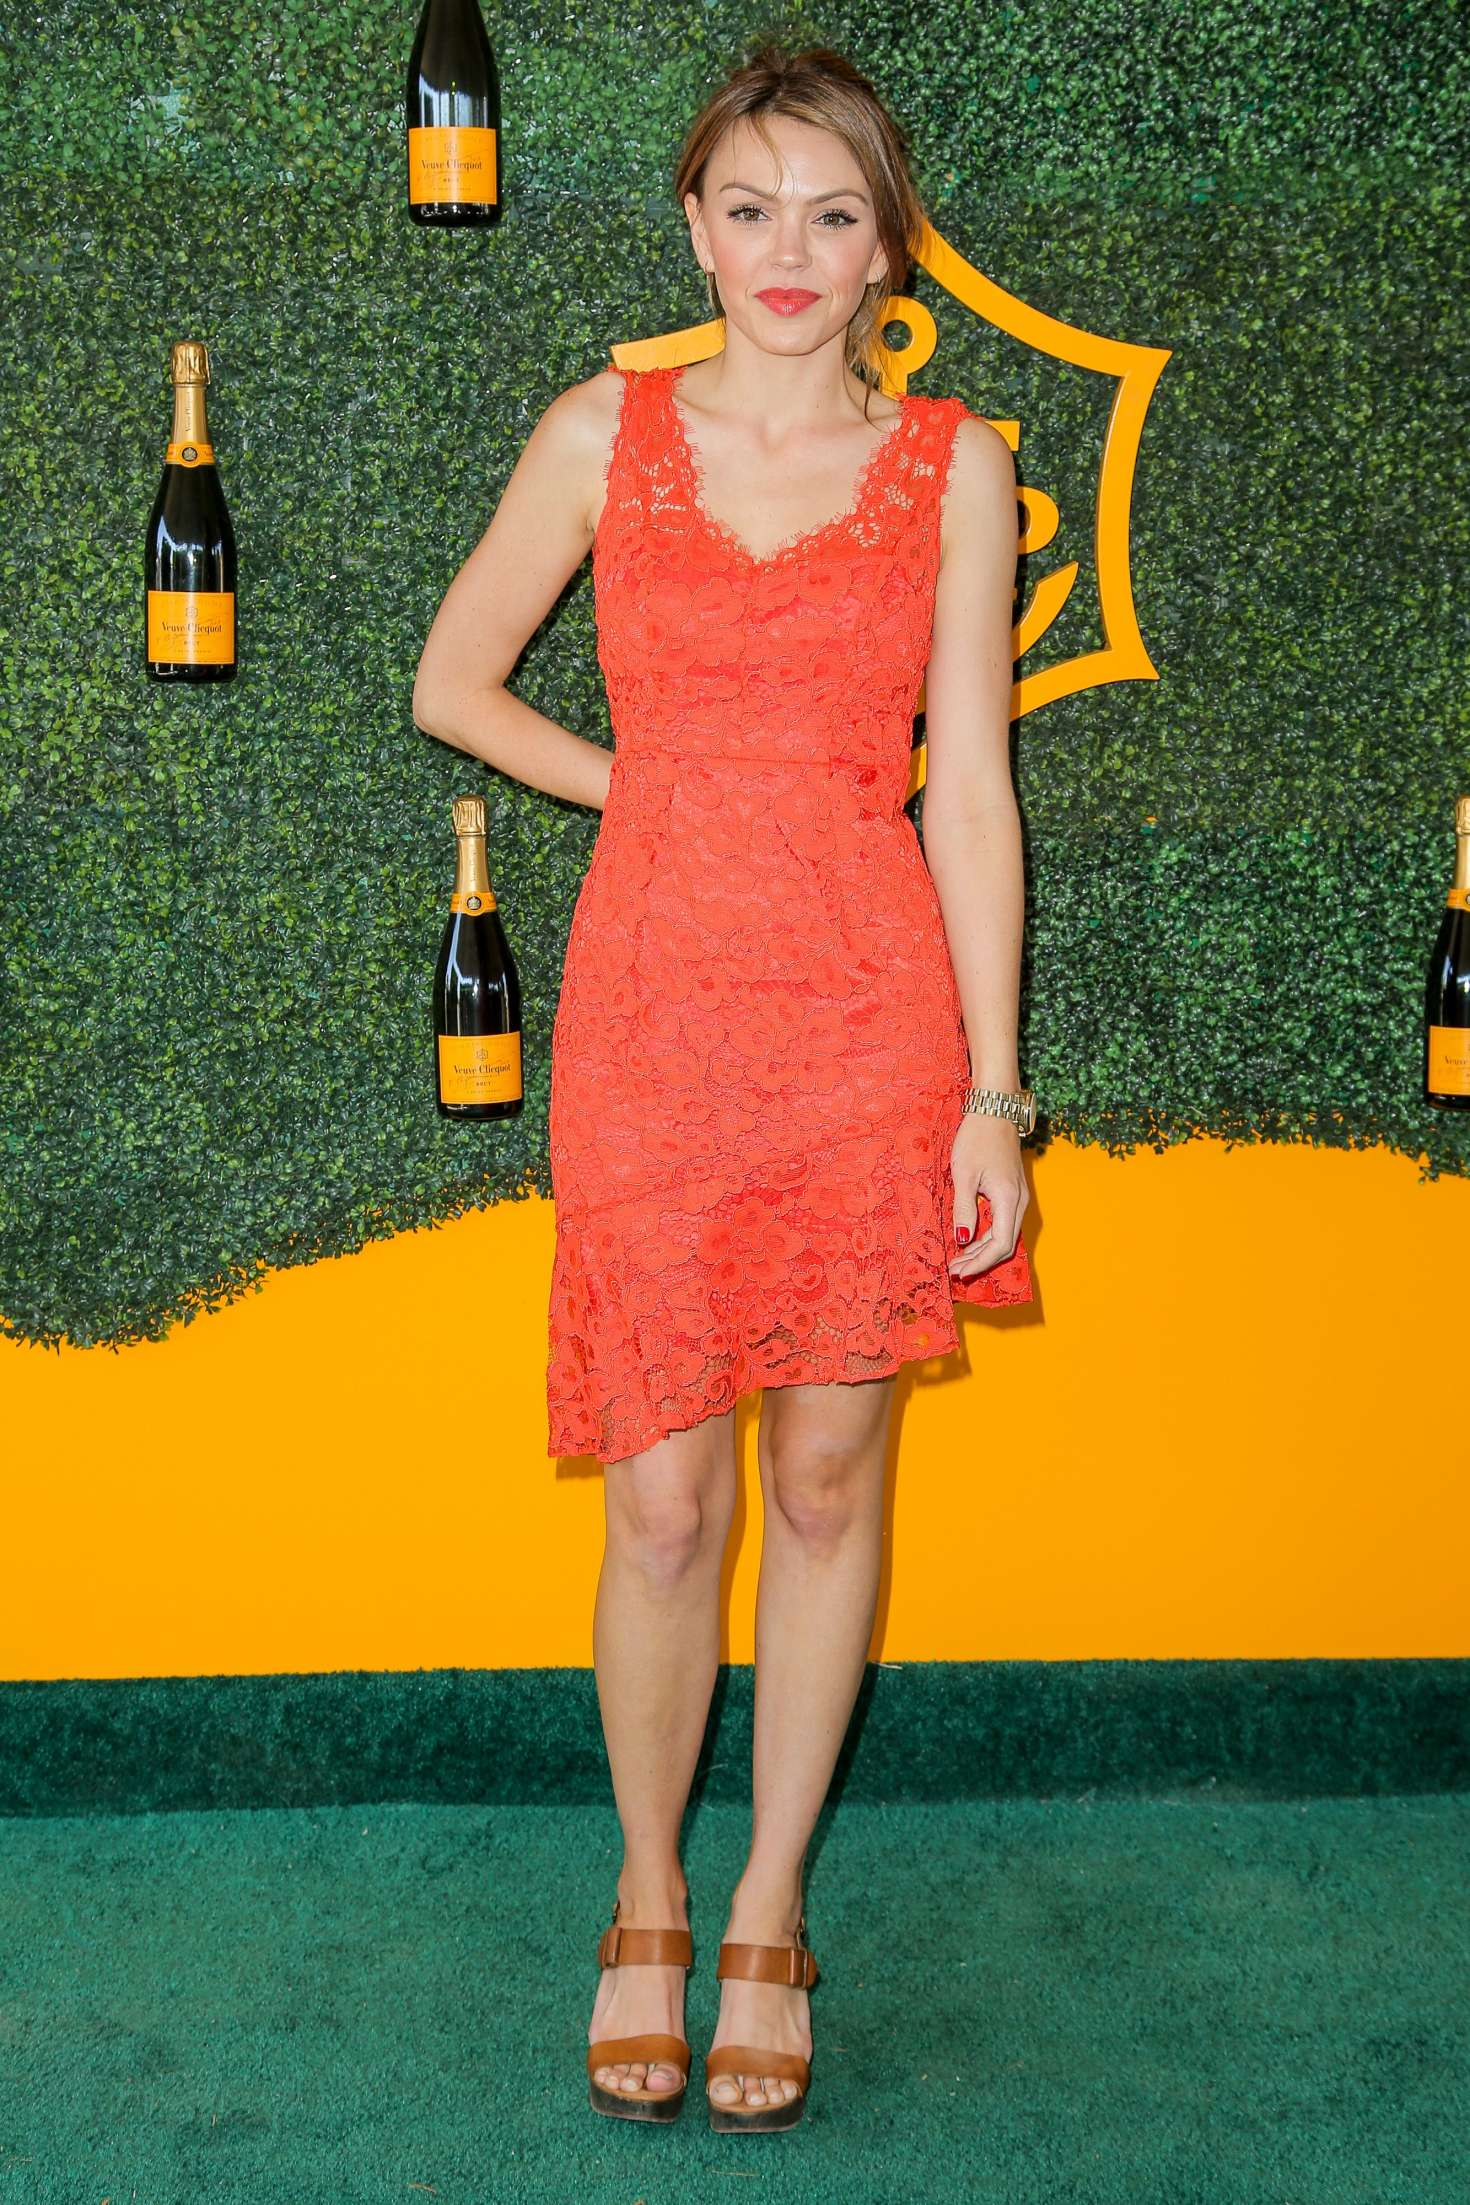 Aimee Teegarden 2016 : Aimee Teegarden: 2016 Veuve Clicquot Polo Classic -02